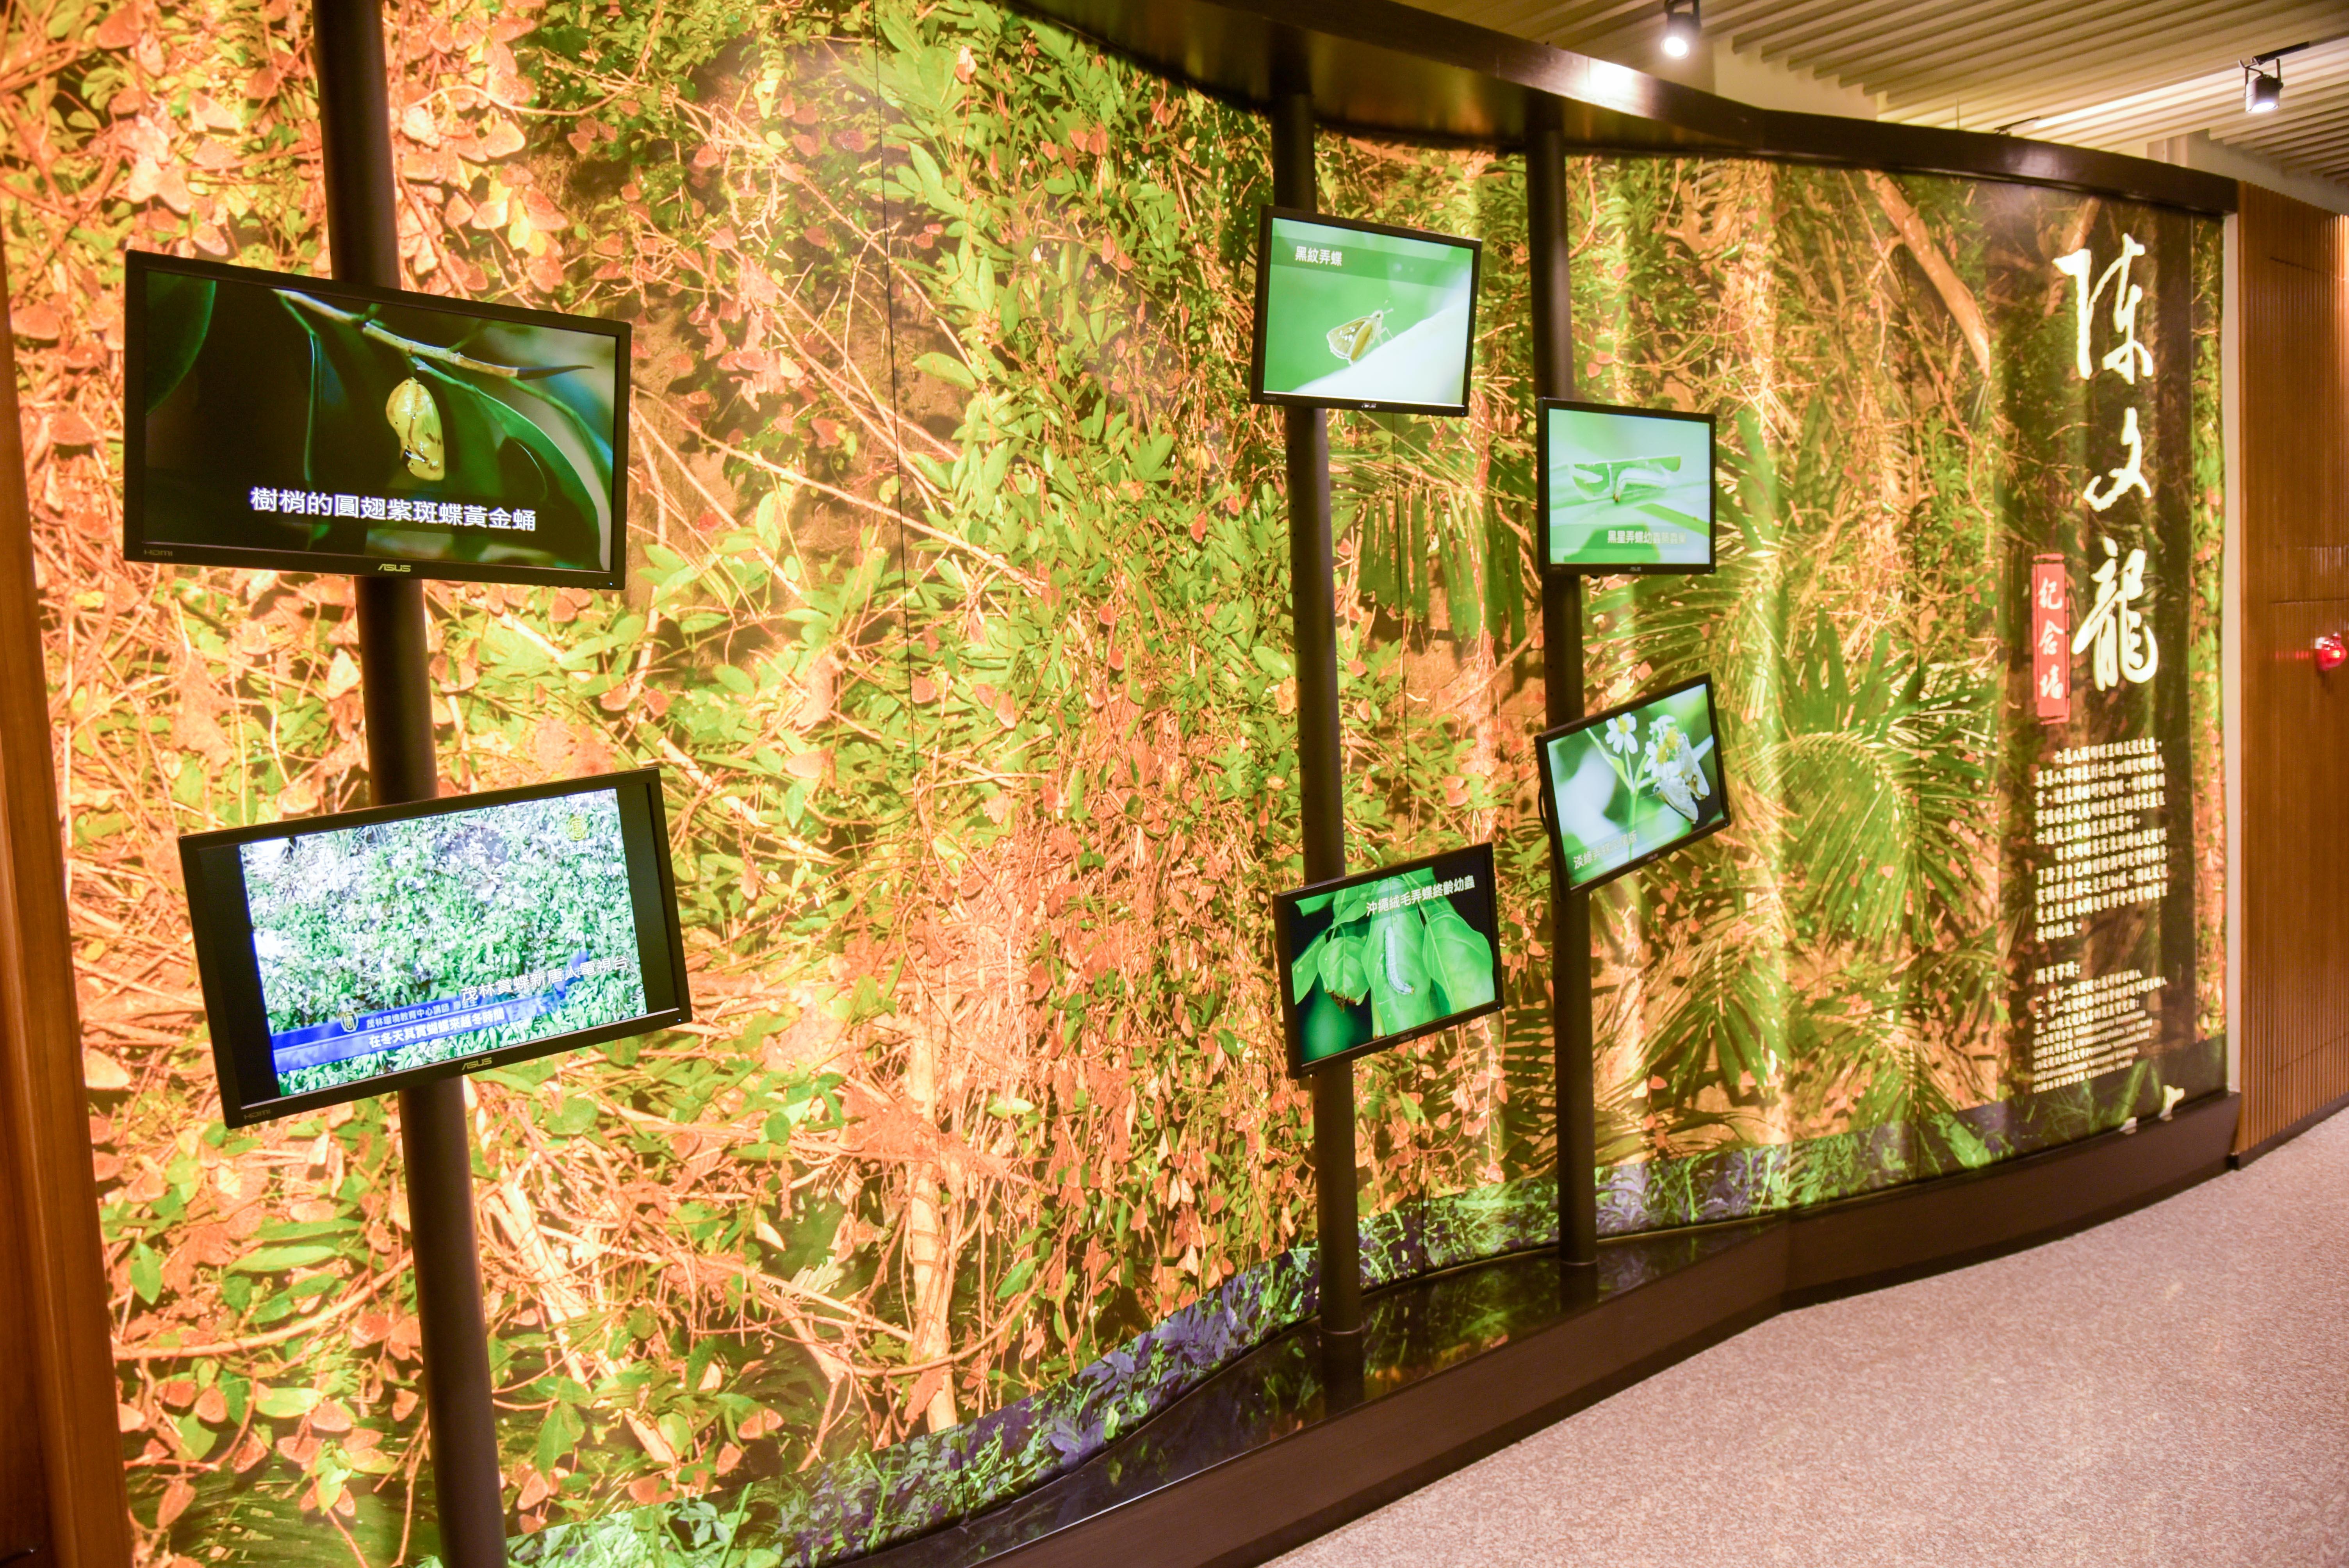 新威遊客中心展示區